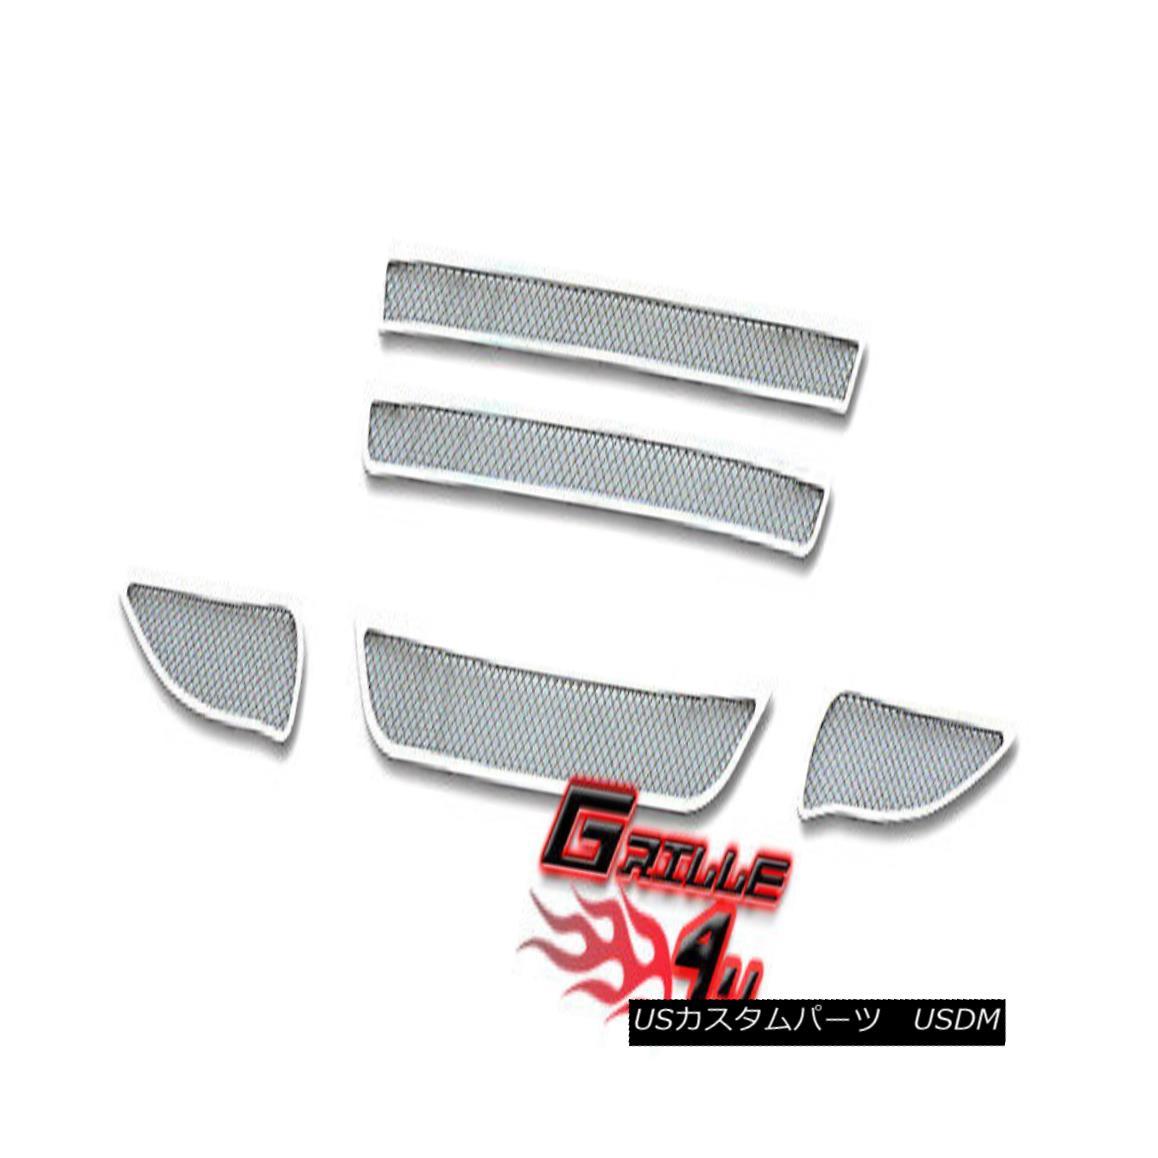 グリル For 09-10 Toyota Matrix Stainless Steel Mesh Premium Grille Combo 09-10トヨタマトリックスステンレスメッシュプレミアムグリルコンボ用